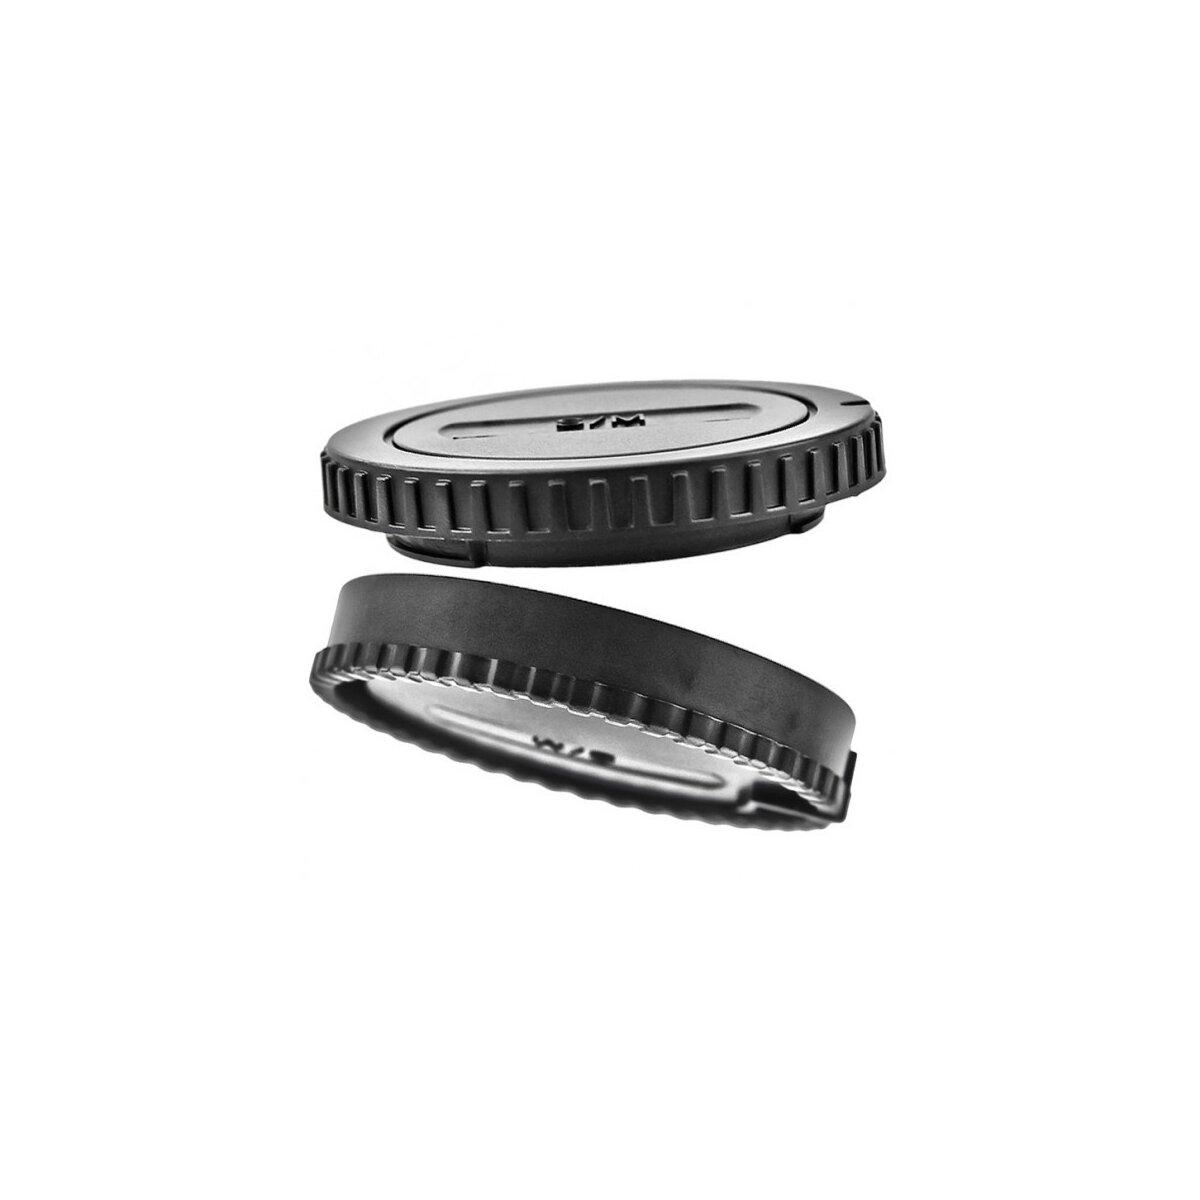 JJC Kamera-Gehäusedeckel und Objektivrückdeckel Set geeignet für Sony Objektiv / Kamera mit E-Mount Bajonett.